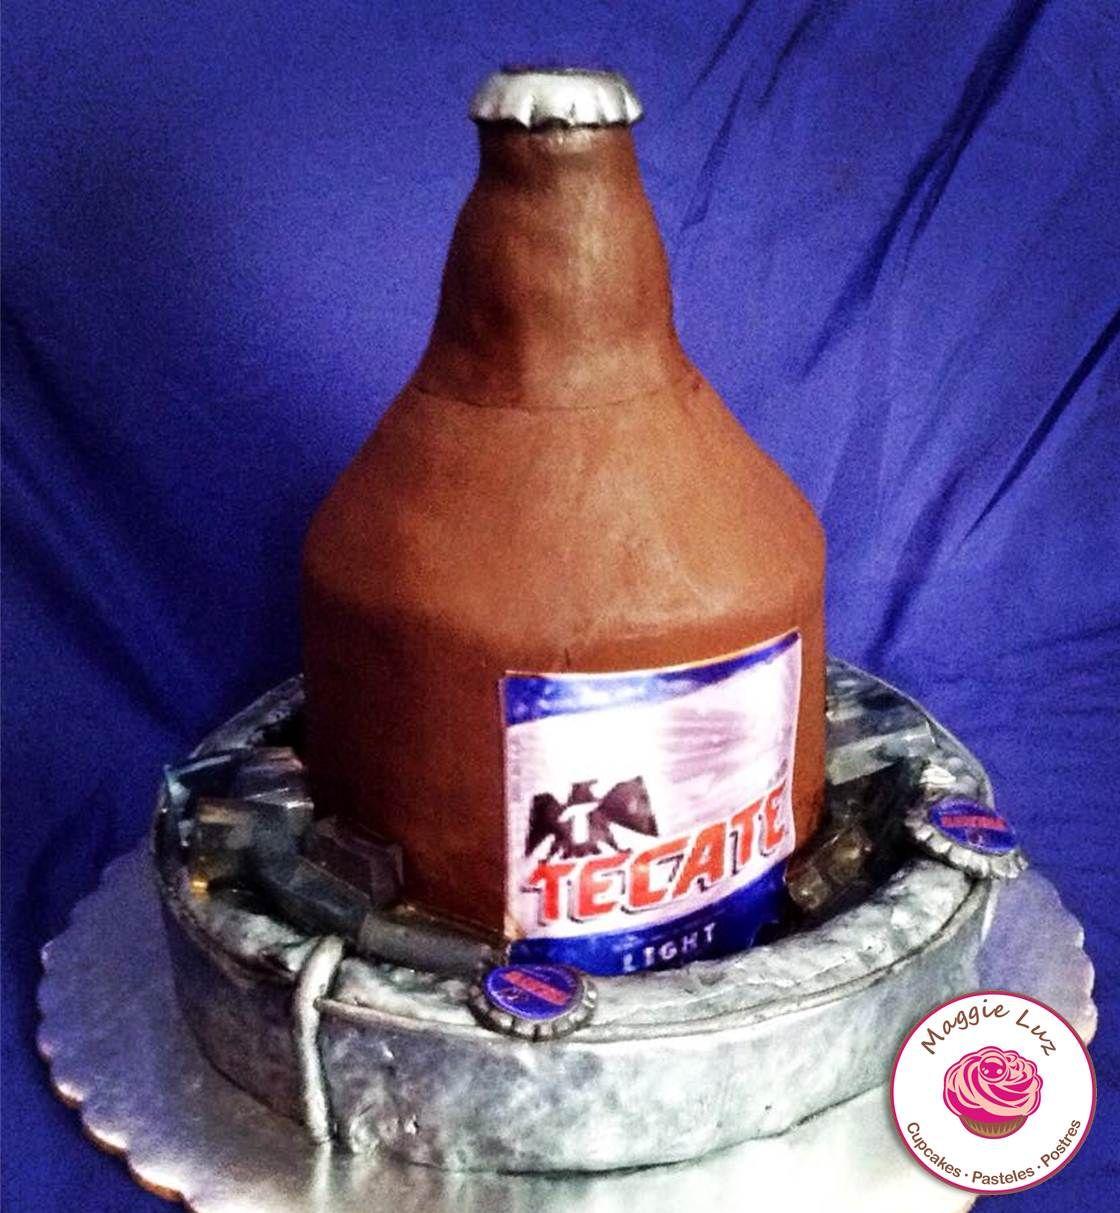 Caguama cake